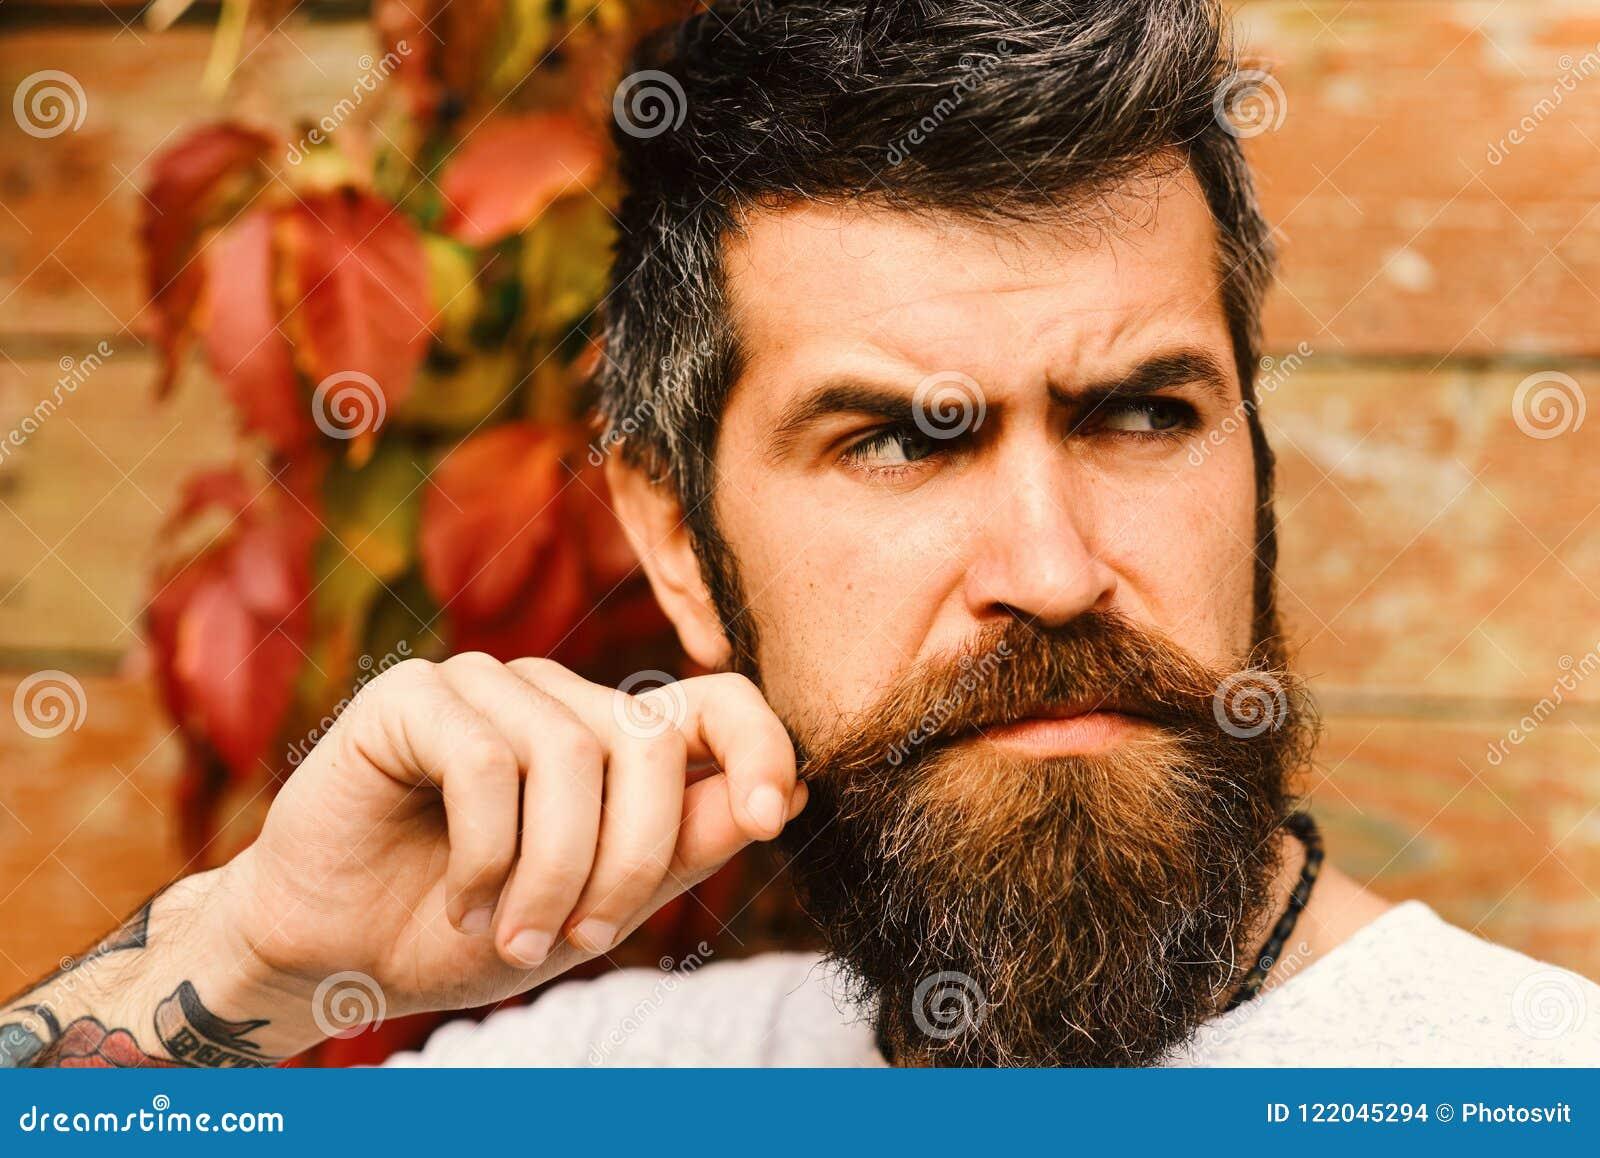 Höstsäsong- och skönhetbegrepp Grabb som poserar nära röda sidor på väggen Macho med skägget